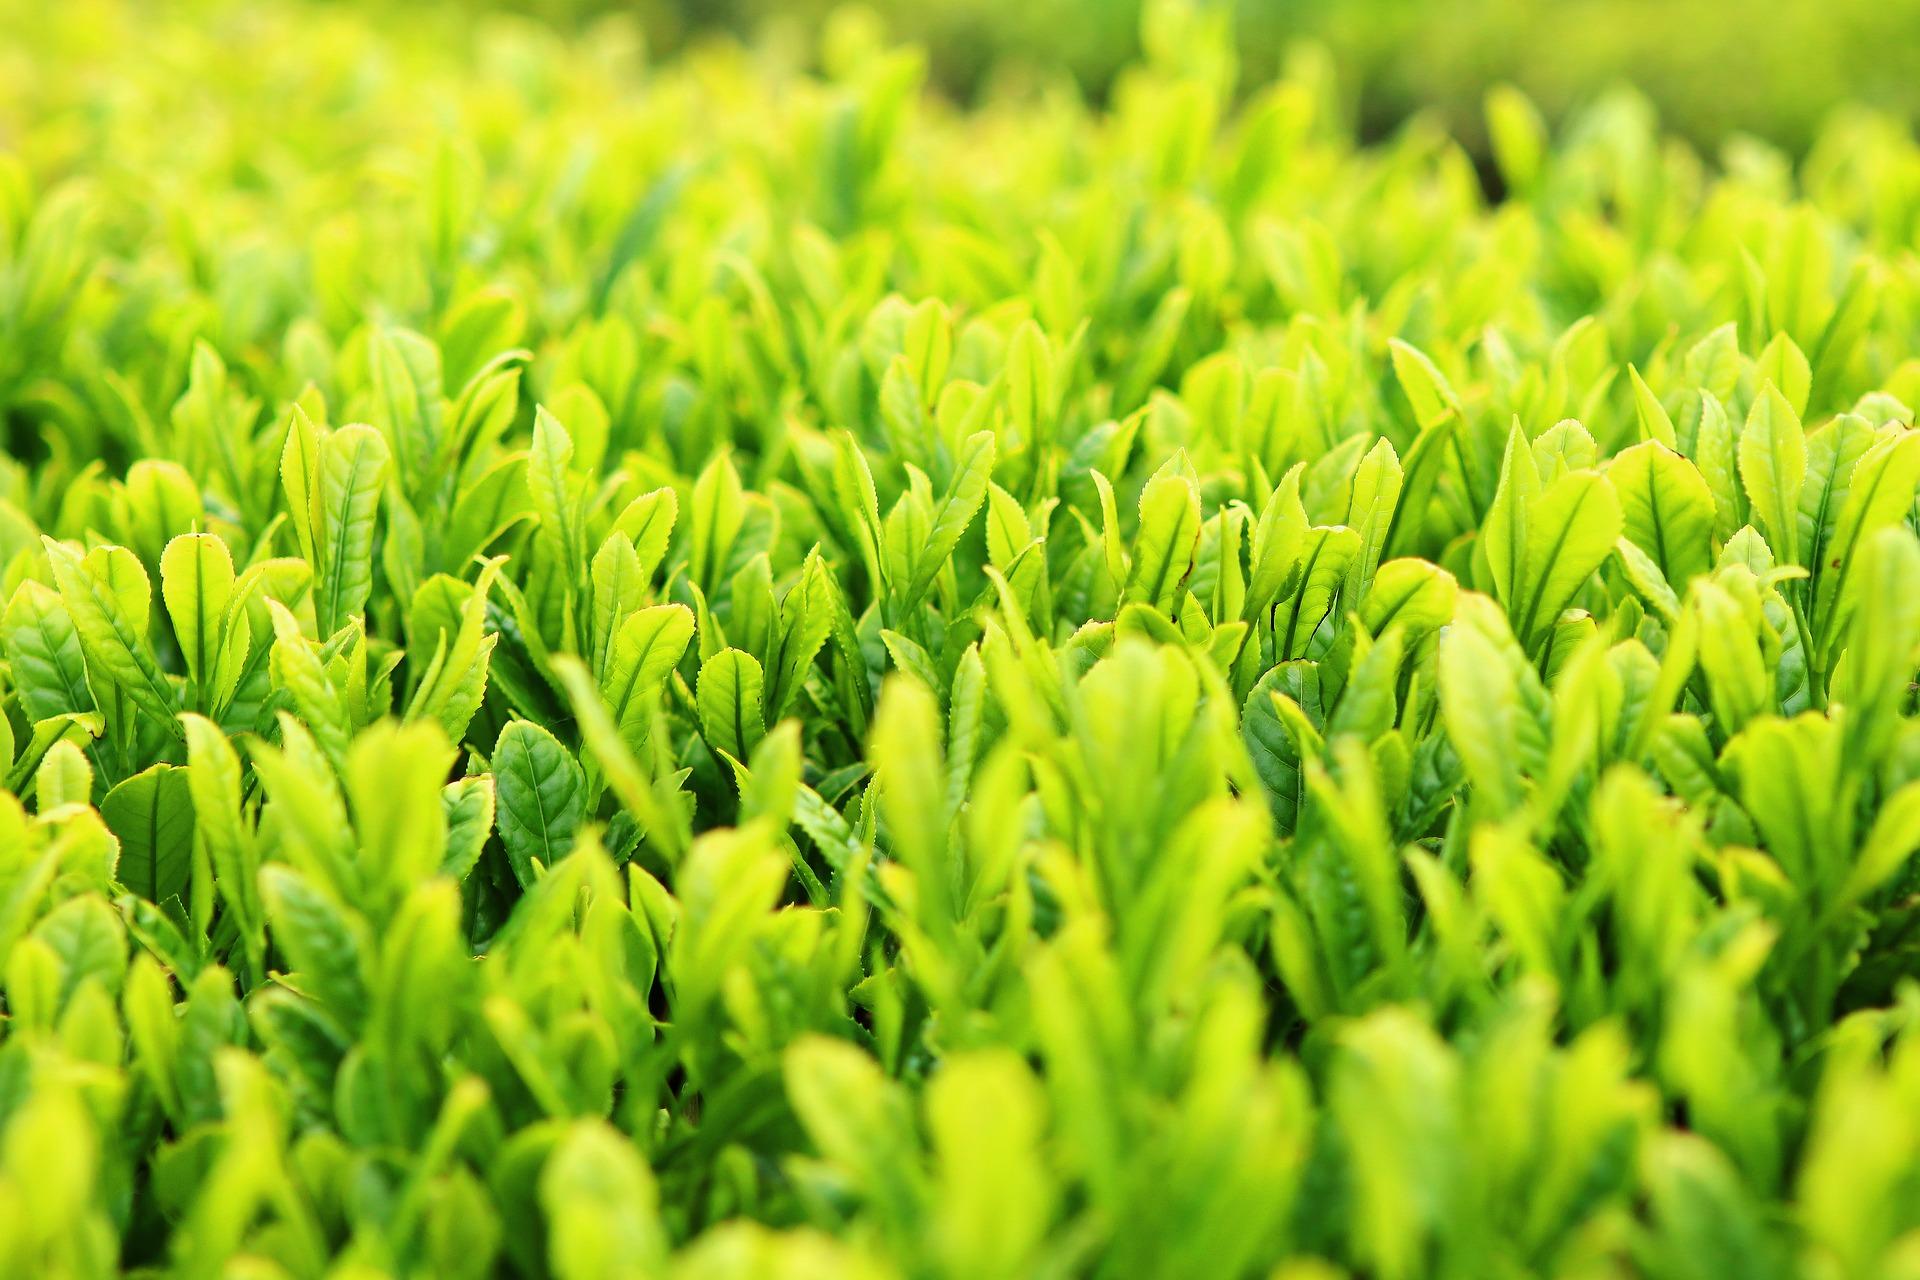 チャノキの葉